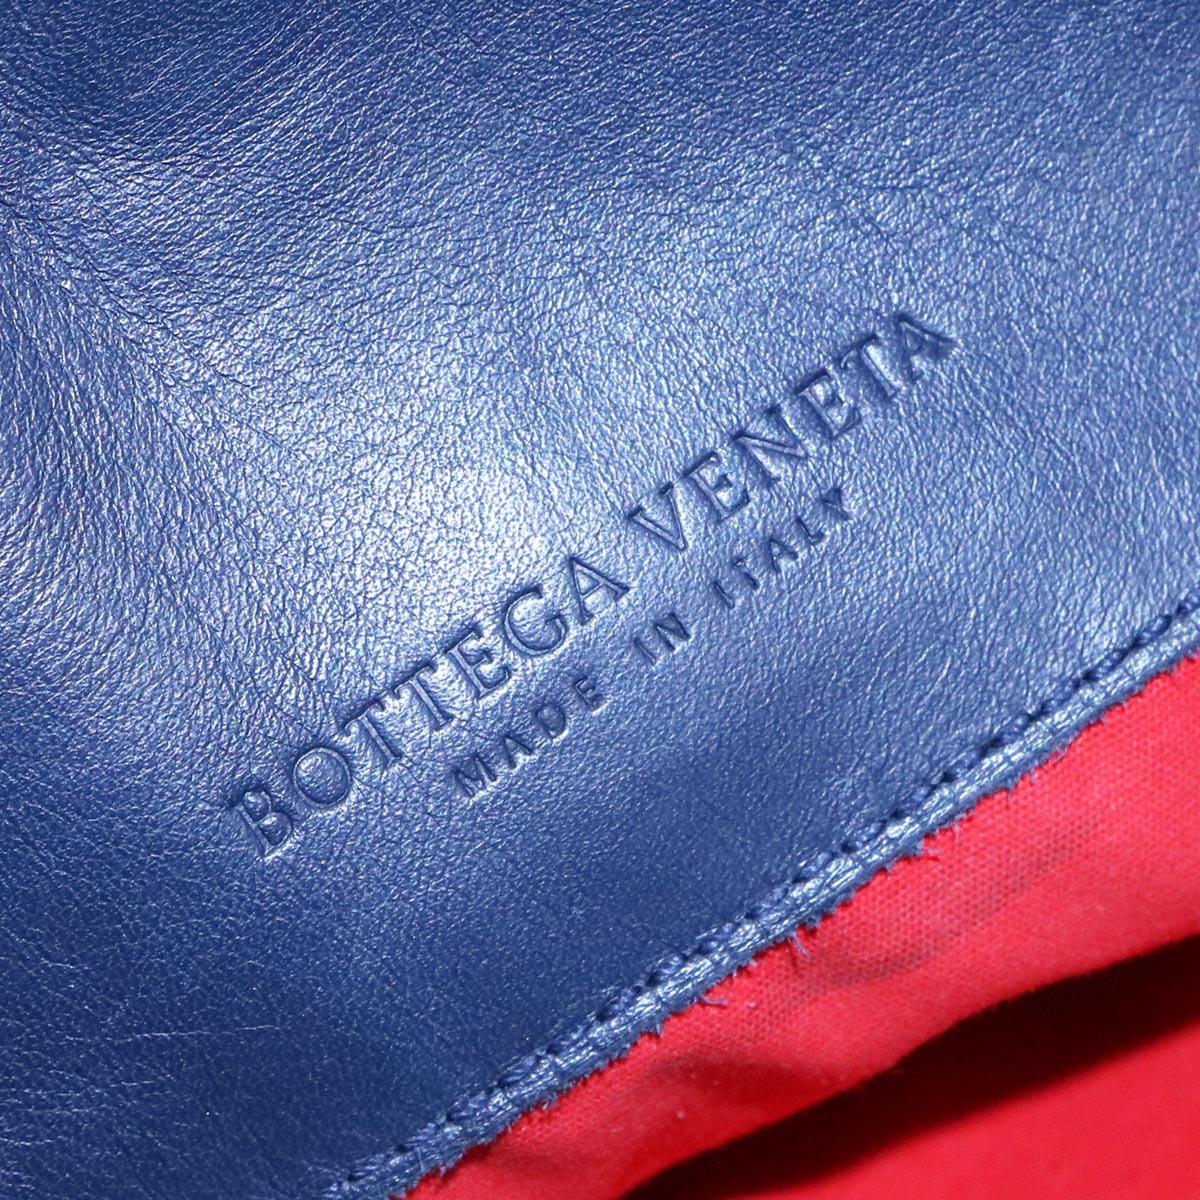 本物 超美品 ボッテガヴェネタ 最高級イントレチャートレザーメンズショルダーバッグ 斜め掛けクロスボディバッグ BOTTEGA VENETA_画像8